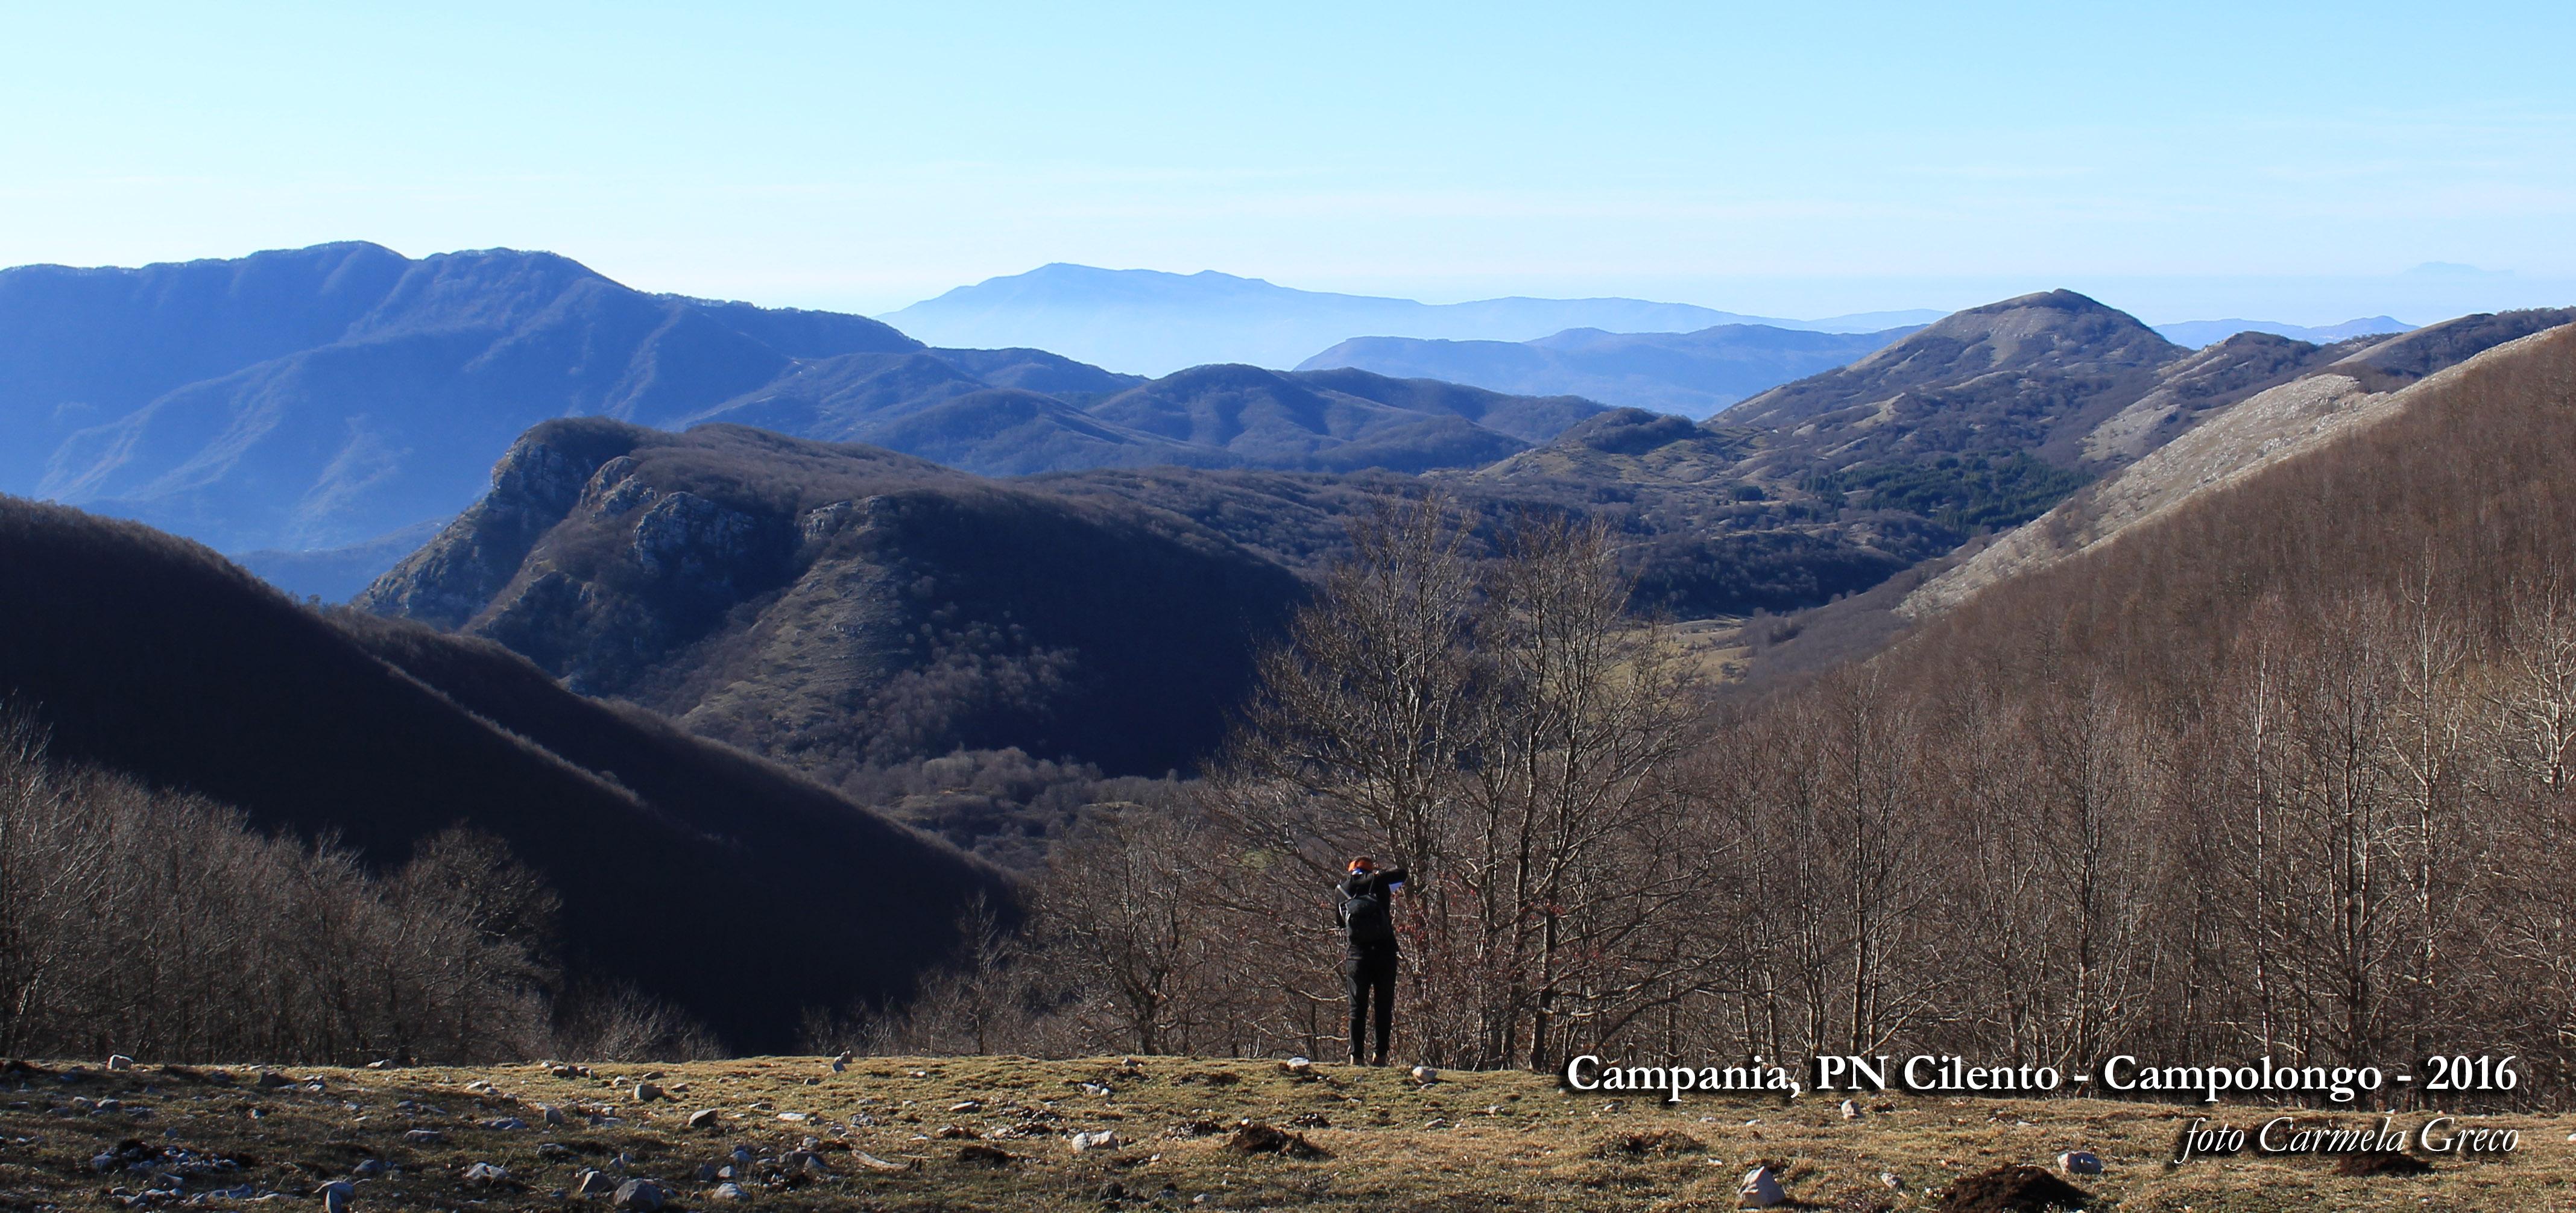 Campania, PN Cilento - 2016 - Valle Dei Gigantini